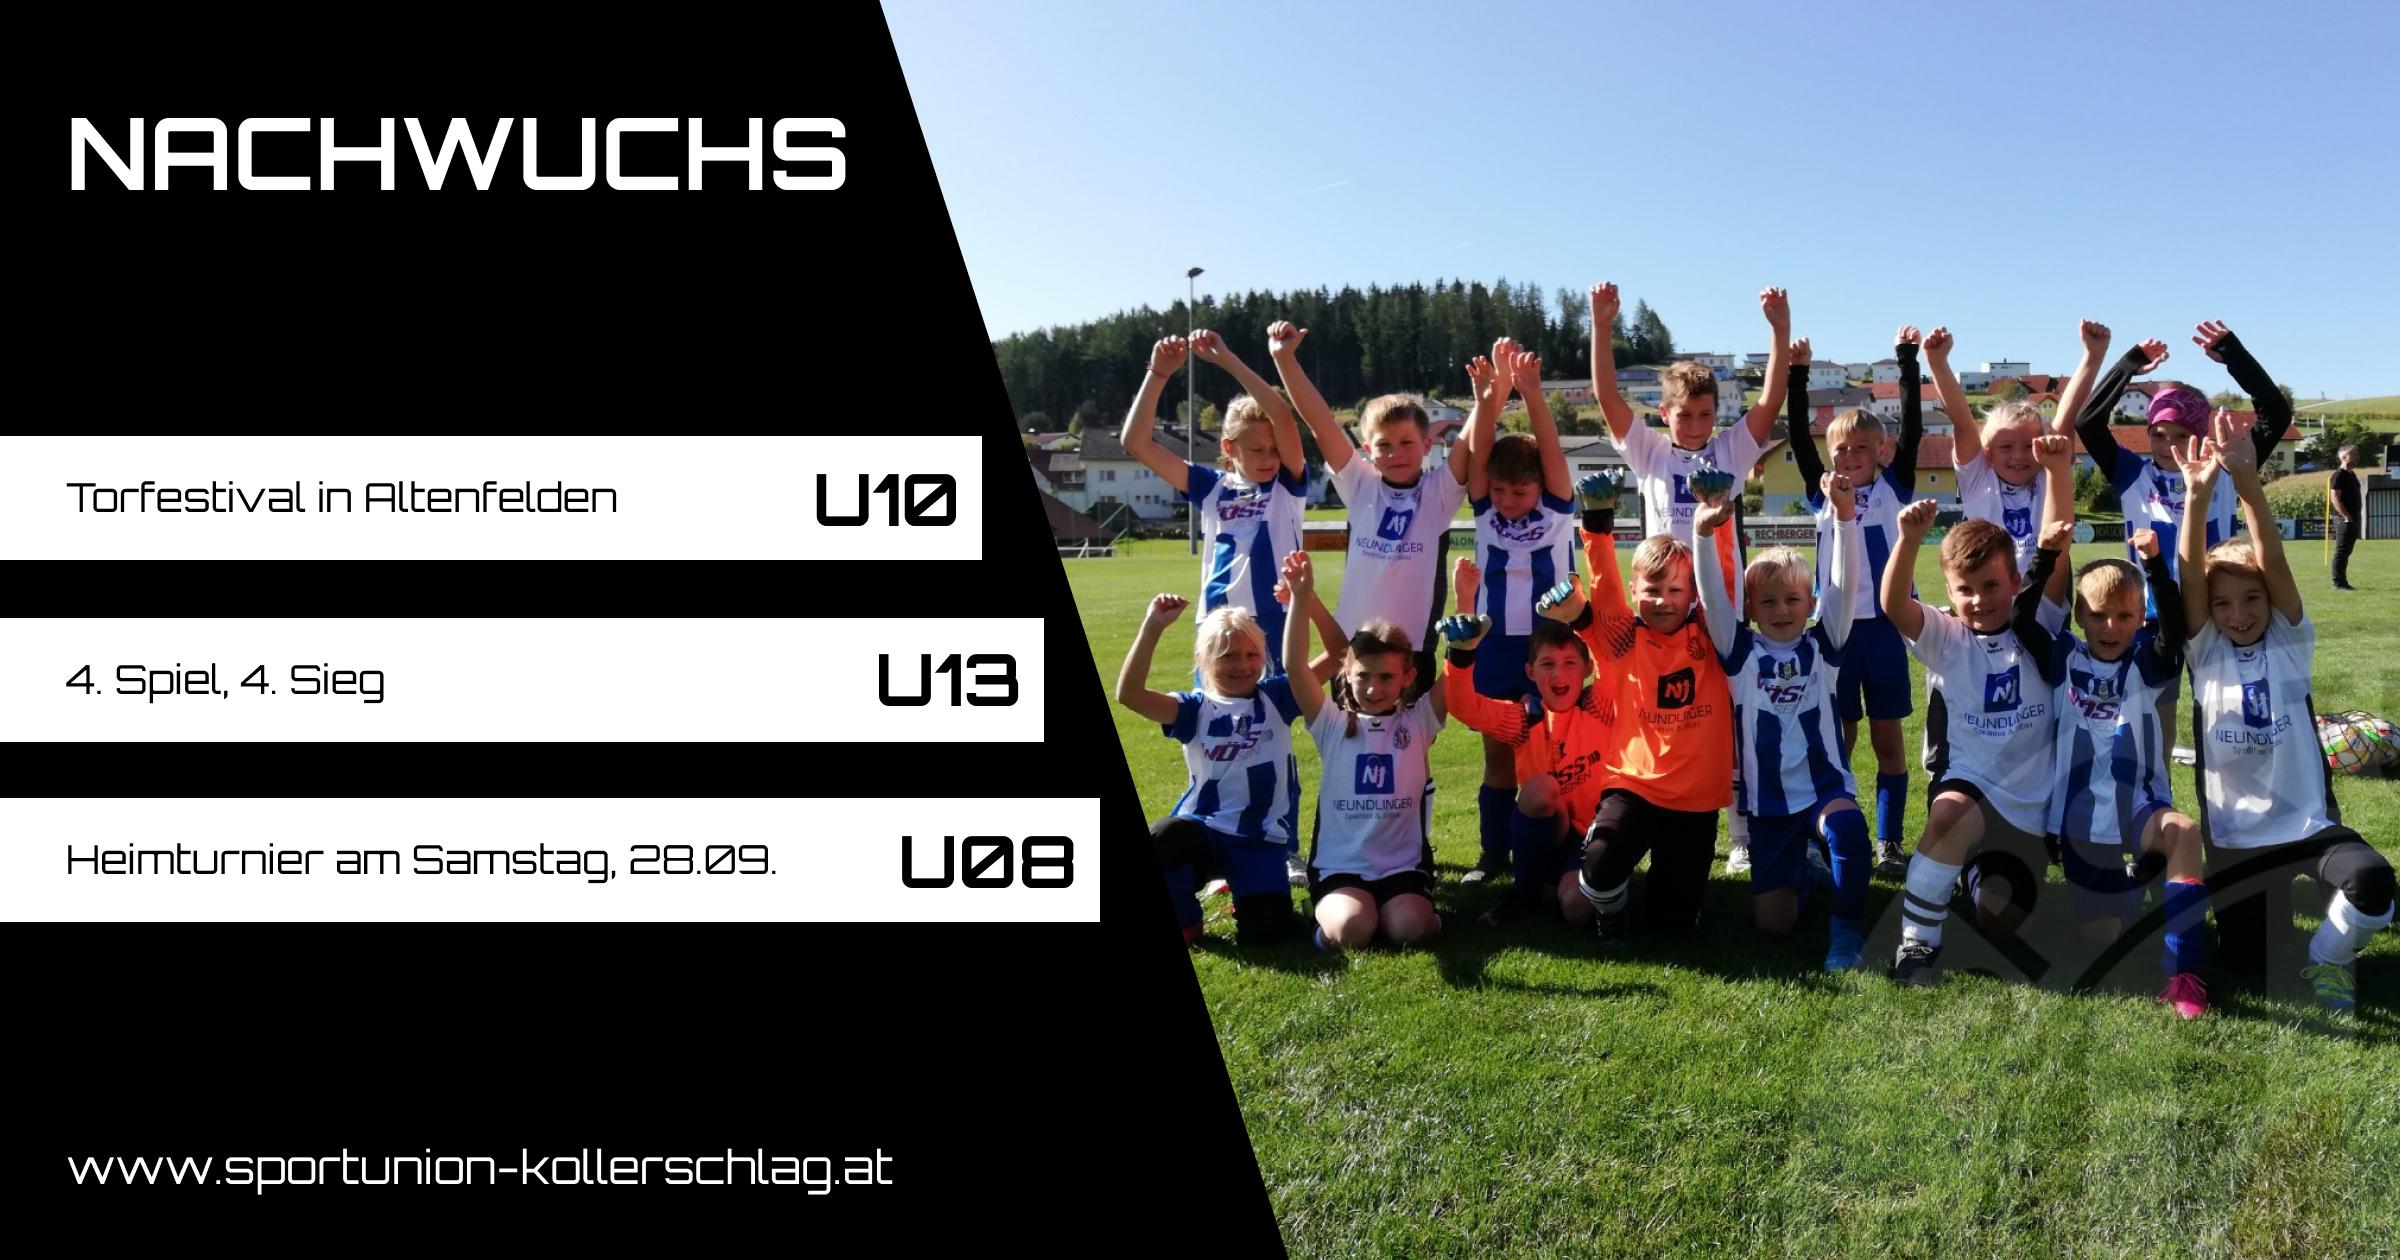 In der Regionsliga angekommen! 2. Sieg in Folge für unsere U14 Mannschaft